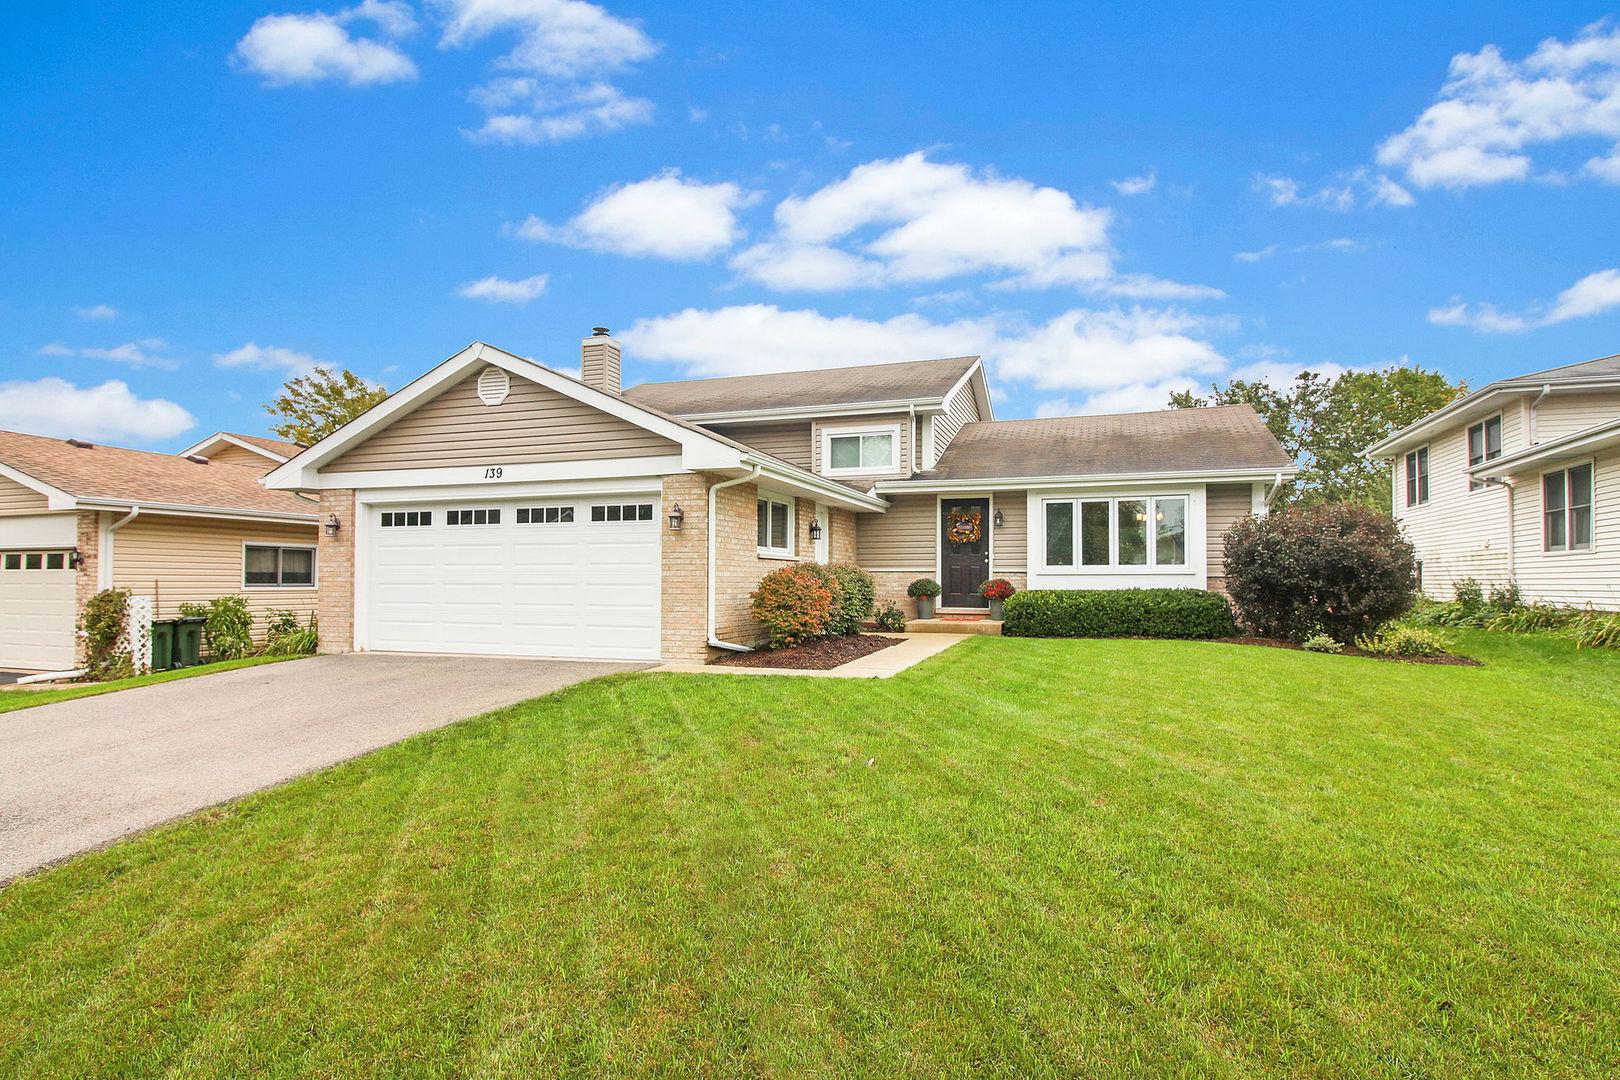 139 South Pershing Avenue, Mundelein, Illinois 60060